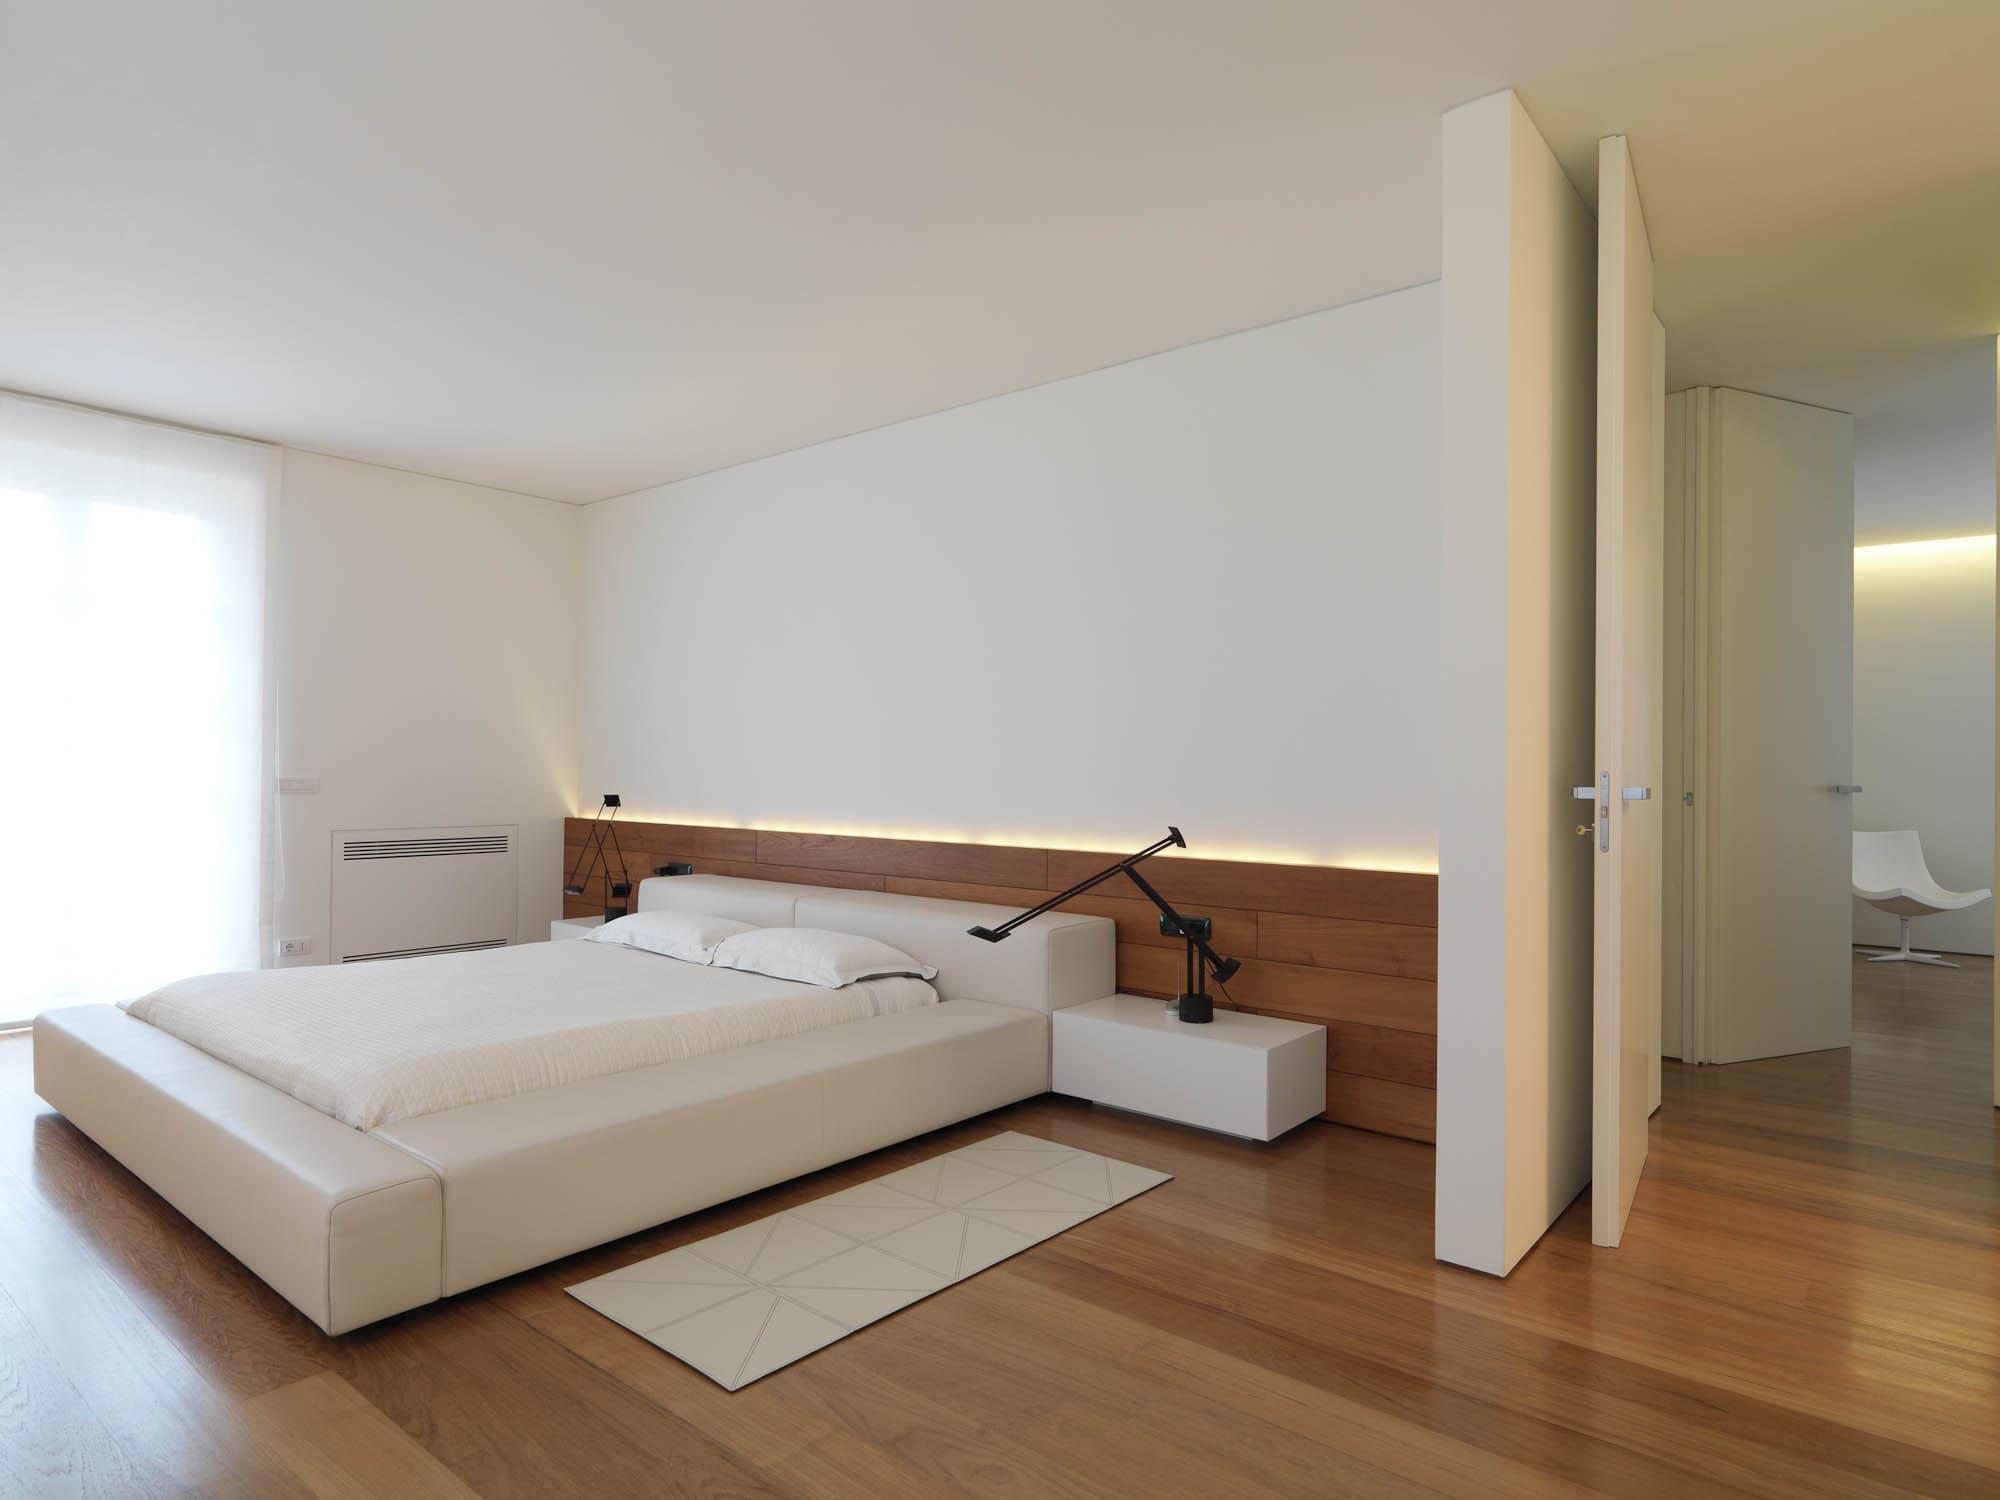 спальня в стиле минимализм мебель